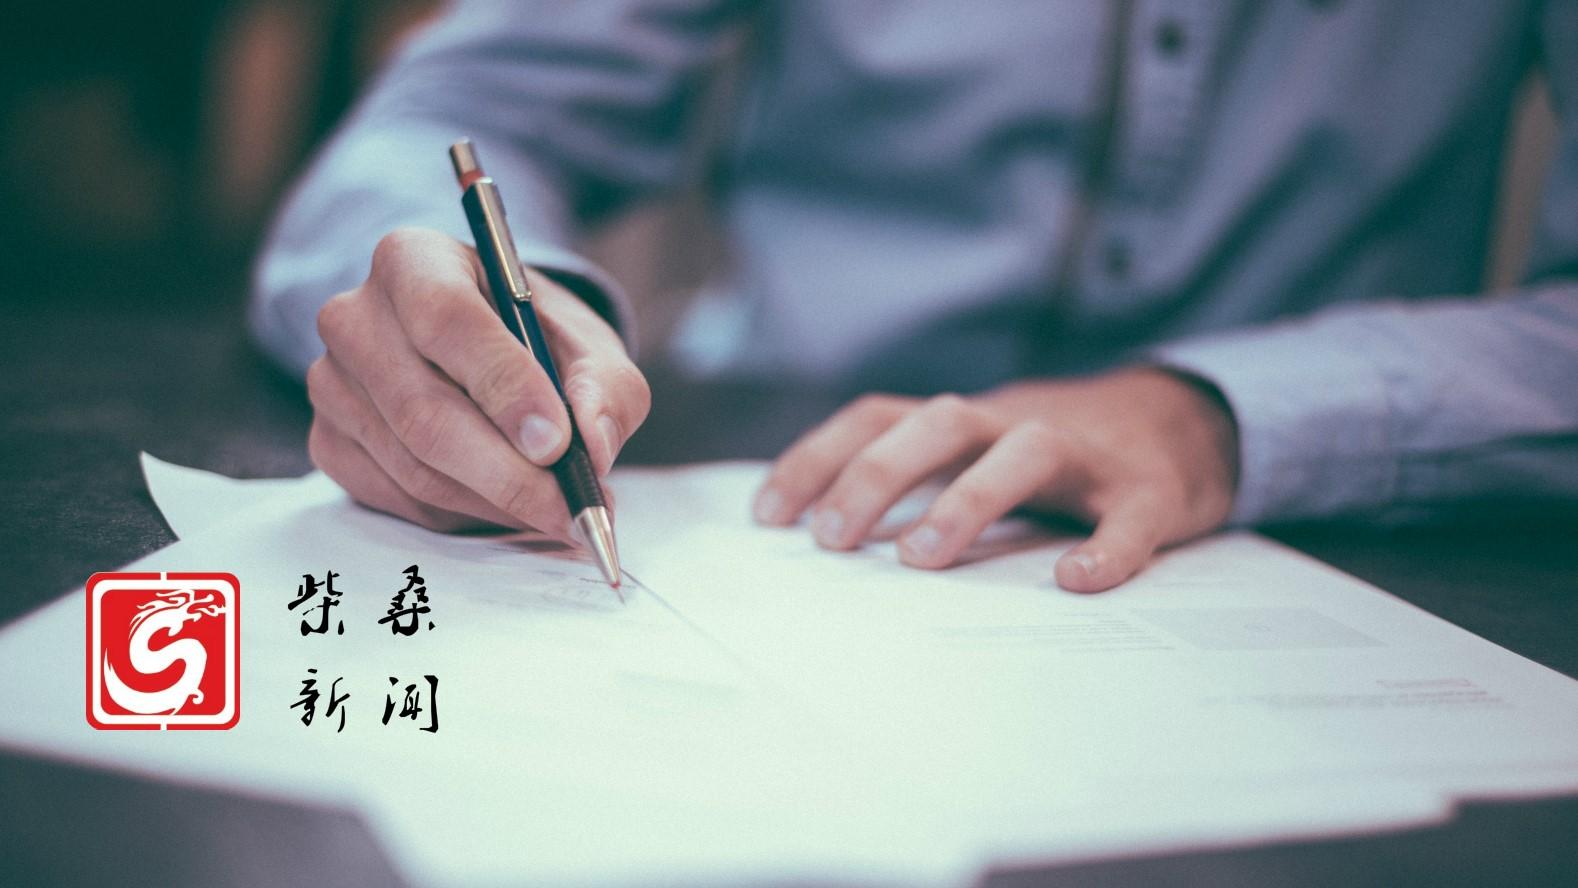 【柴桑新闻】九江市总工会万强副主席、九江市司法局邓华熔副局长等领导莅临我所指导工作